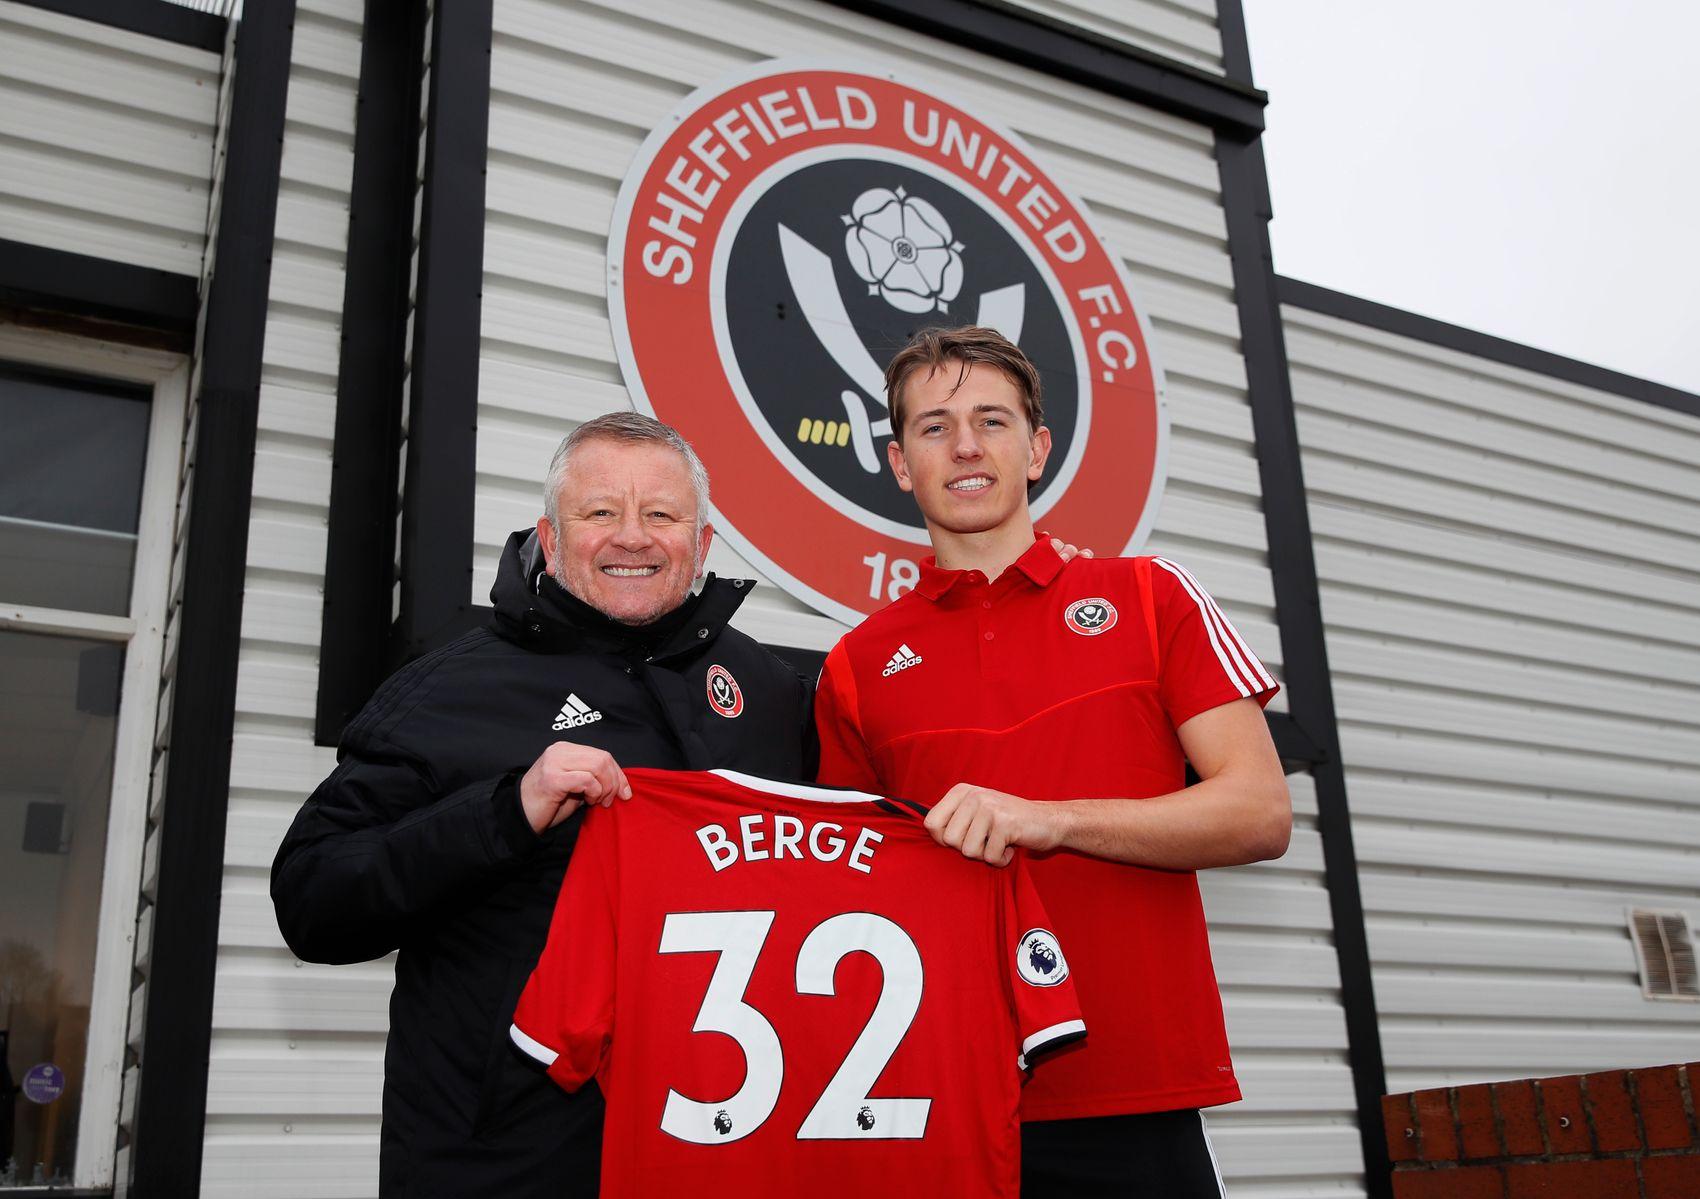 Sheffield United ekspert om Sander Berge: – Sånt skjer bare